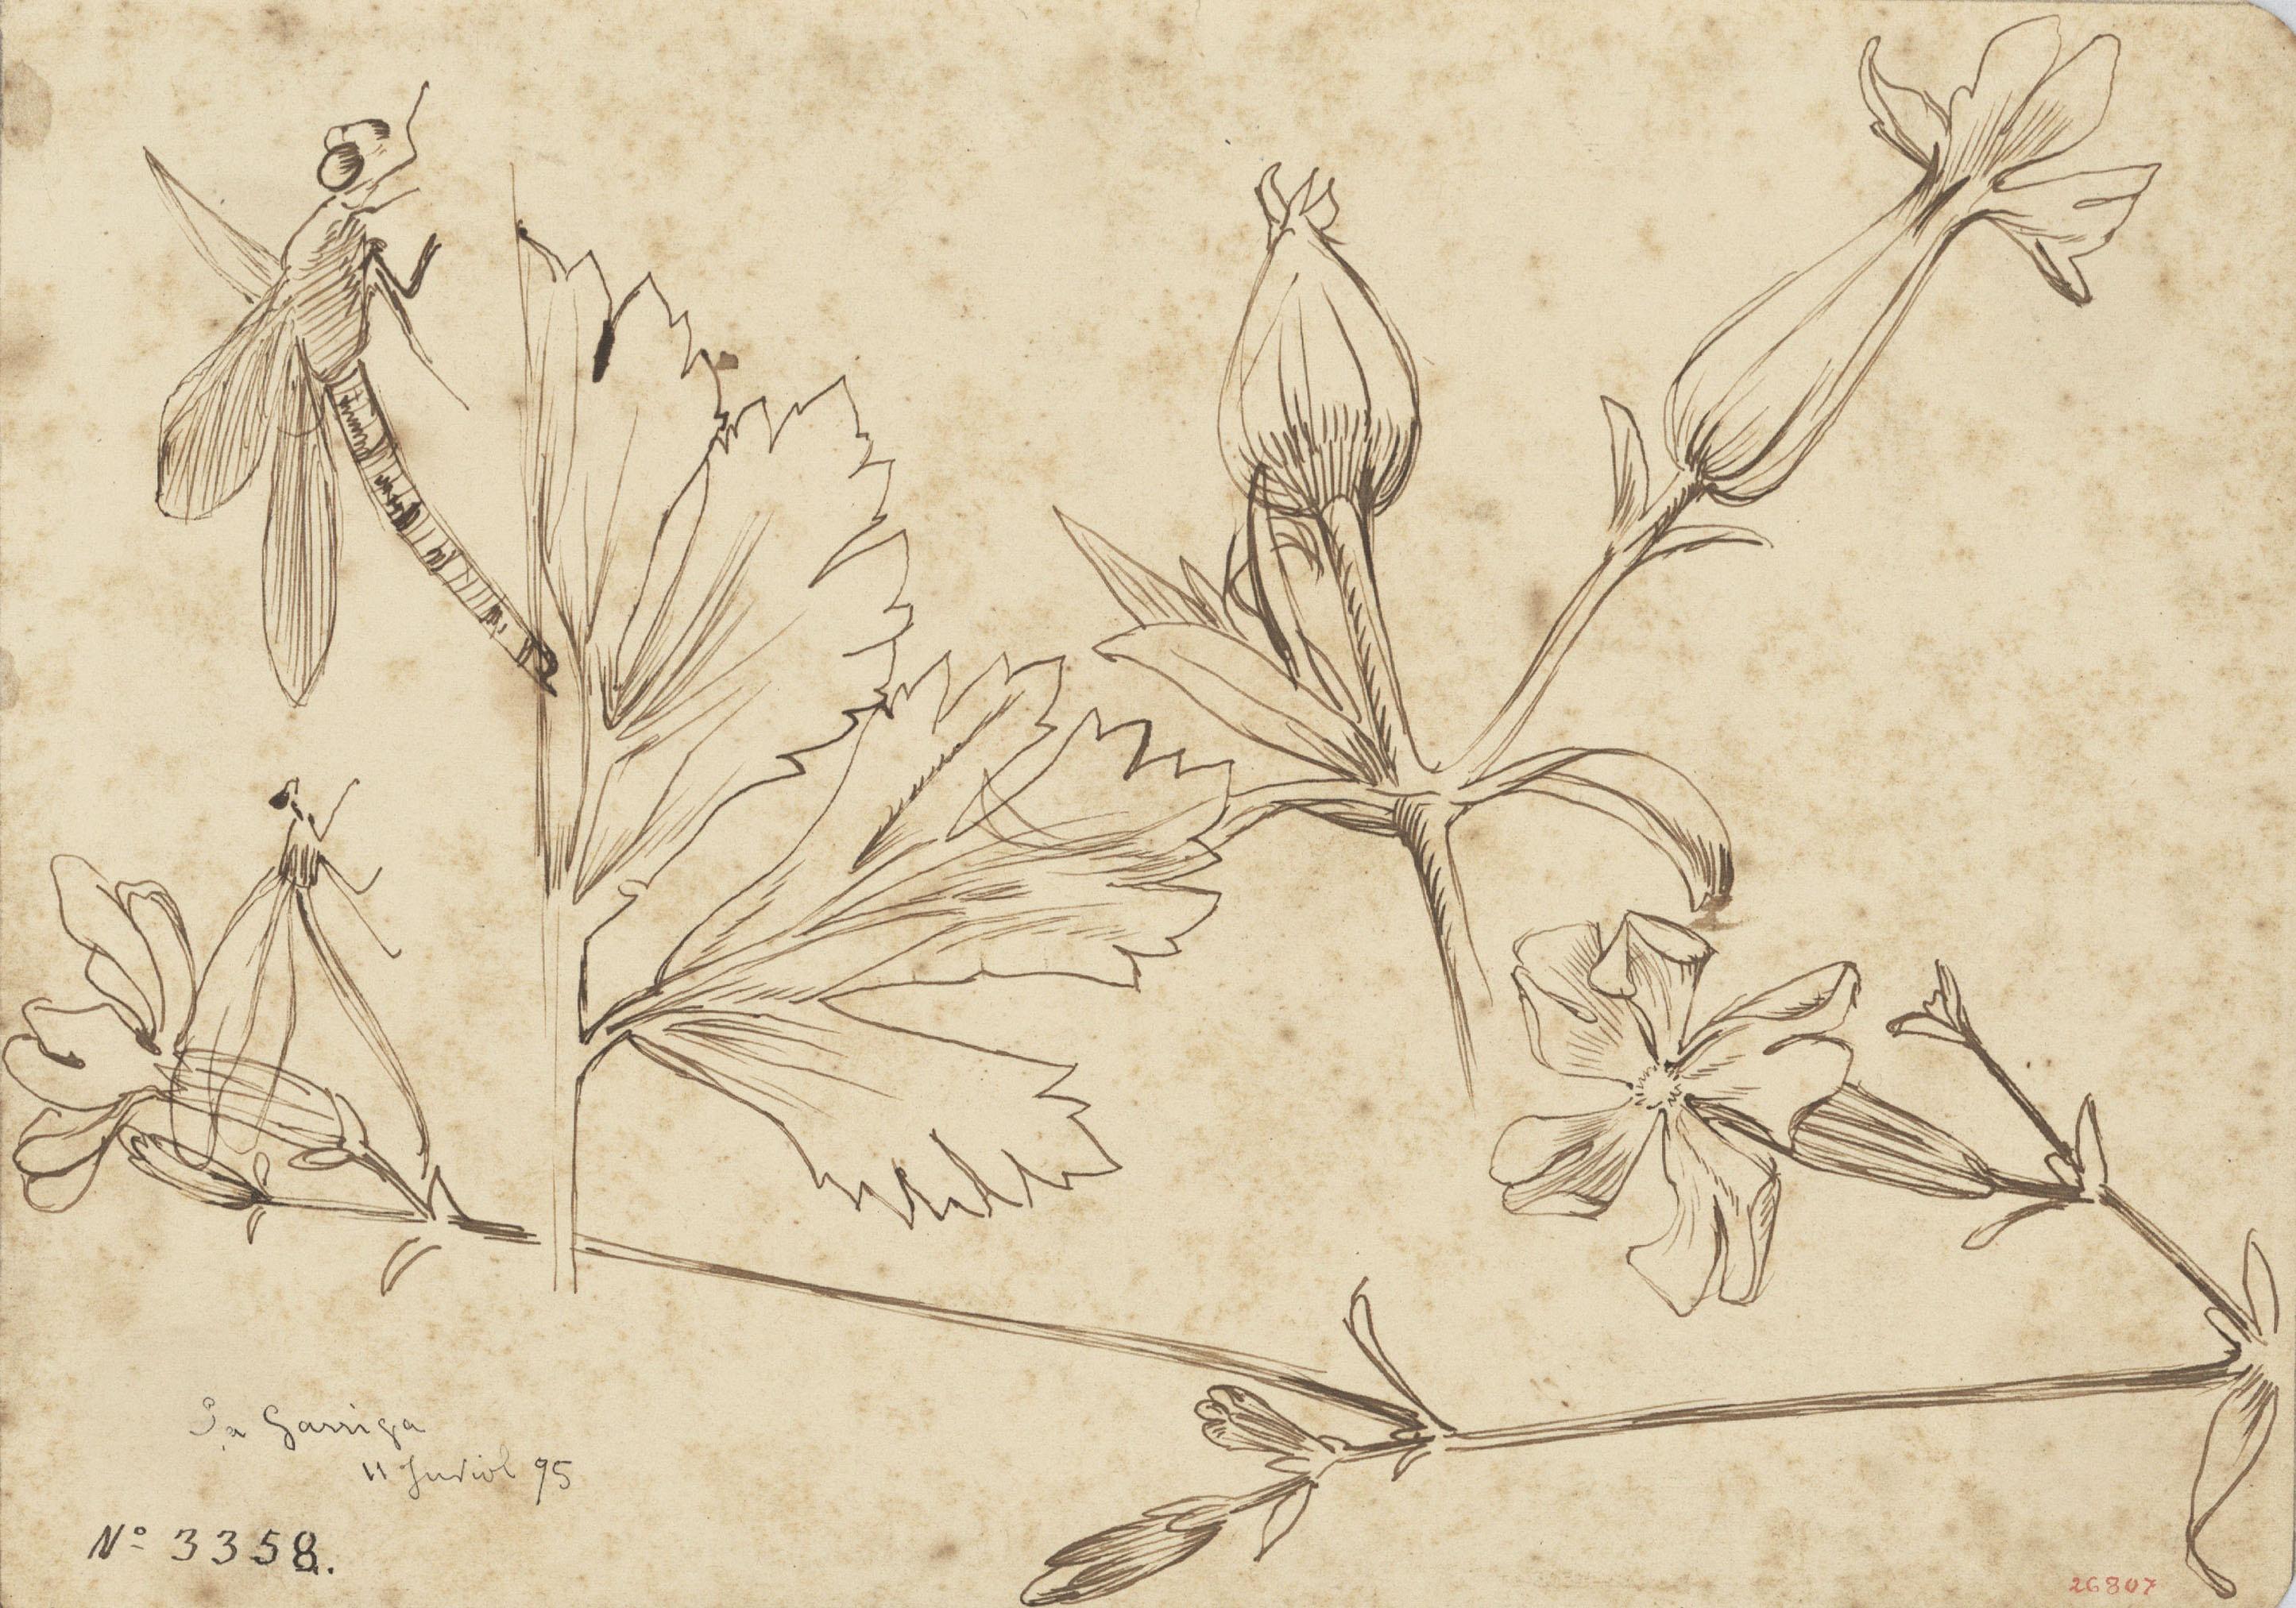 Alexandre de Riquer - Flors i fulles - 1895